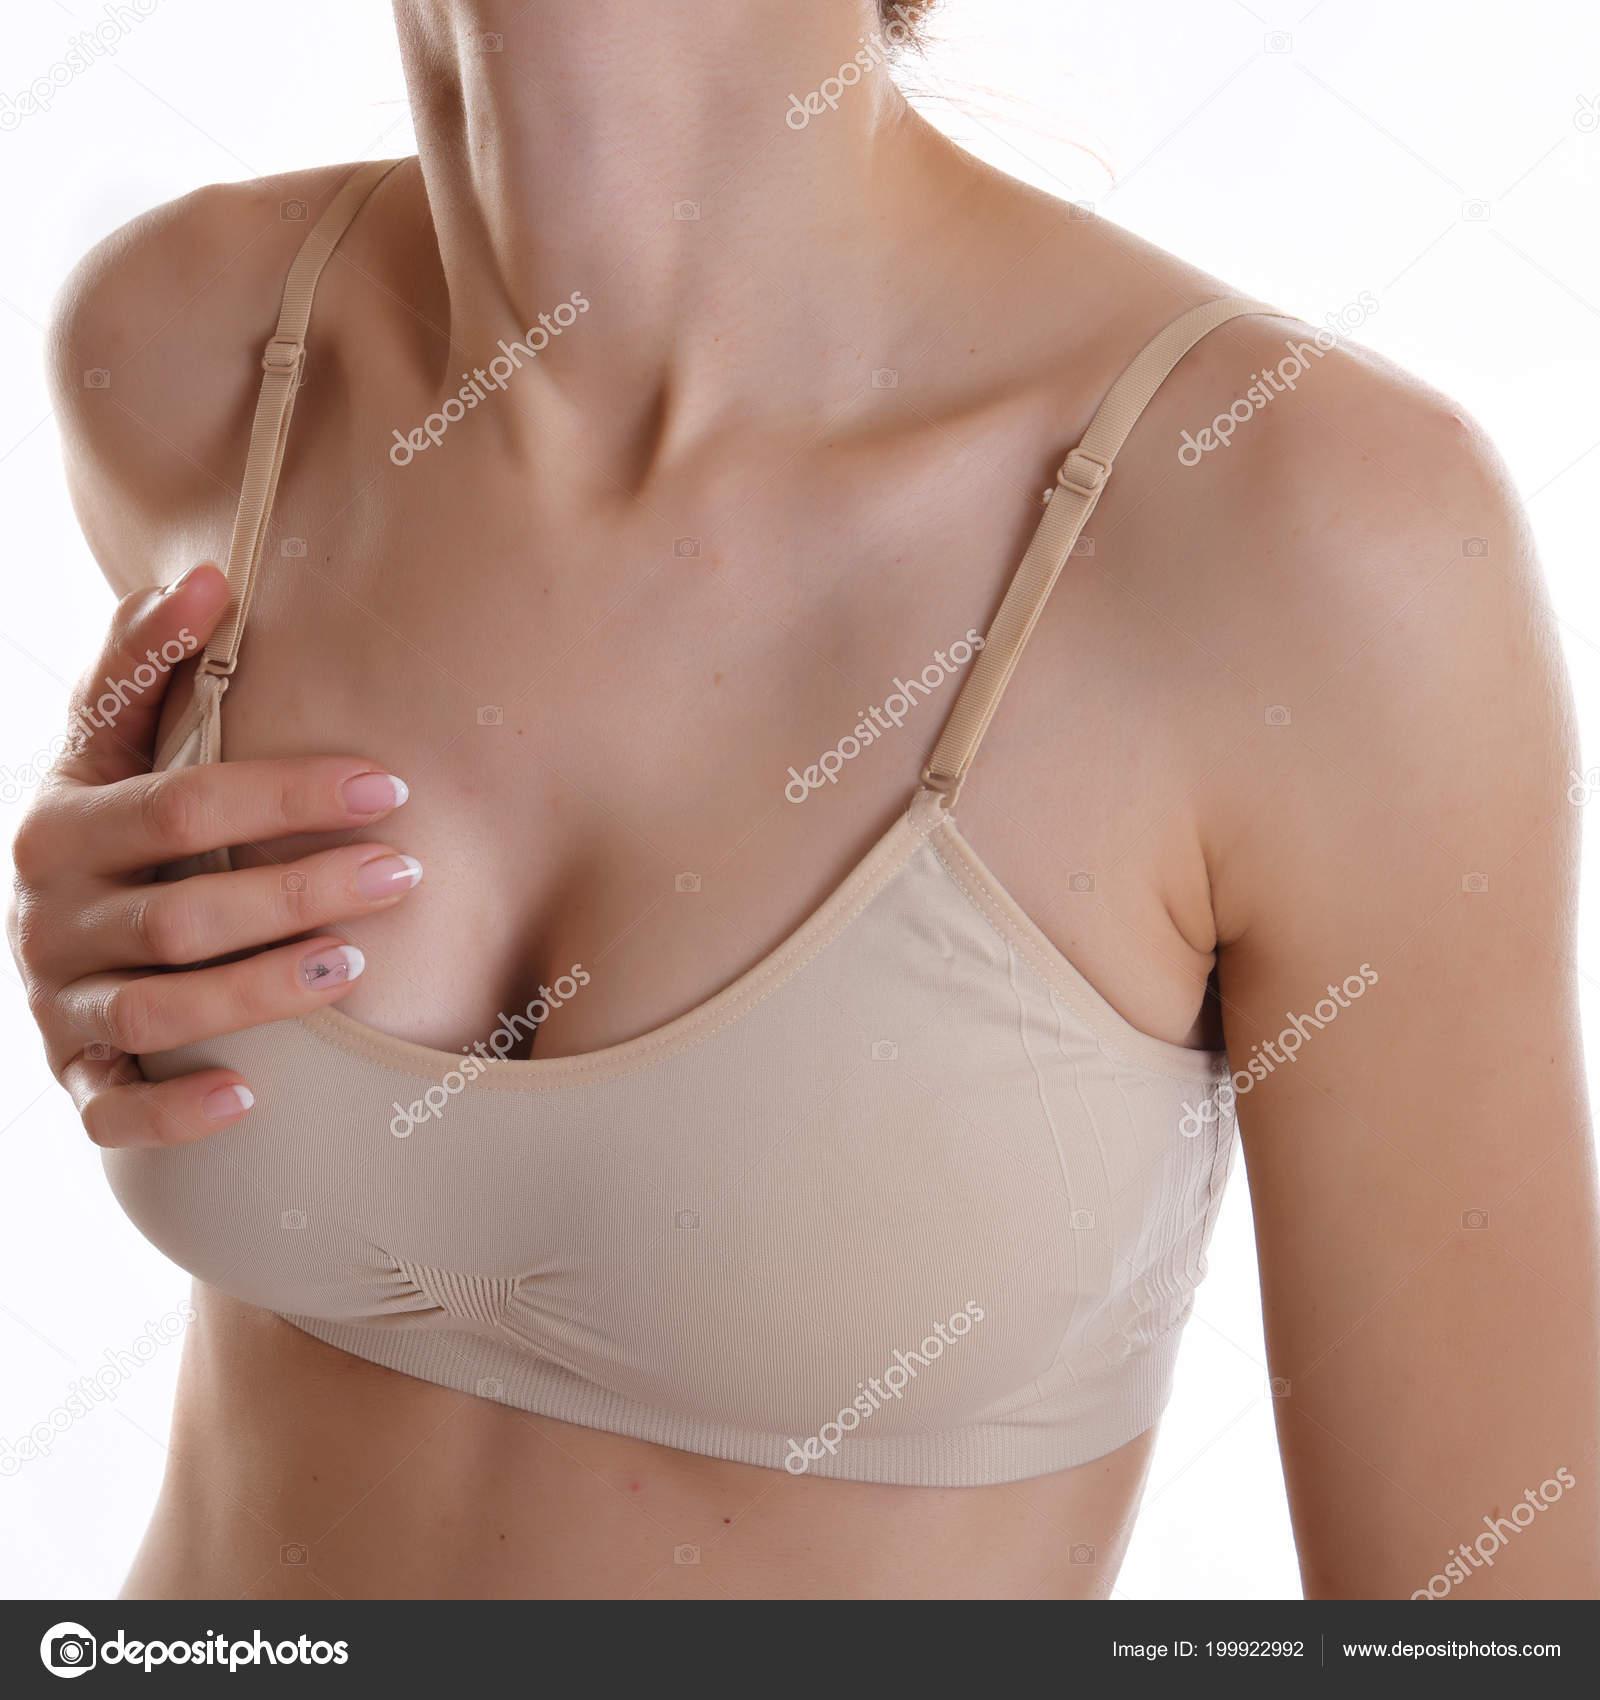 Breast feeling